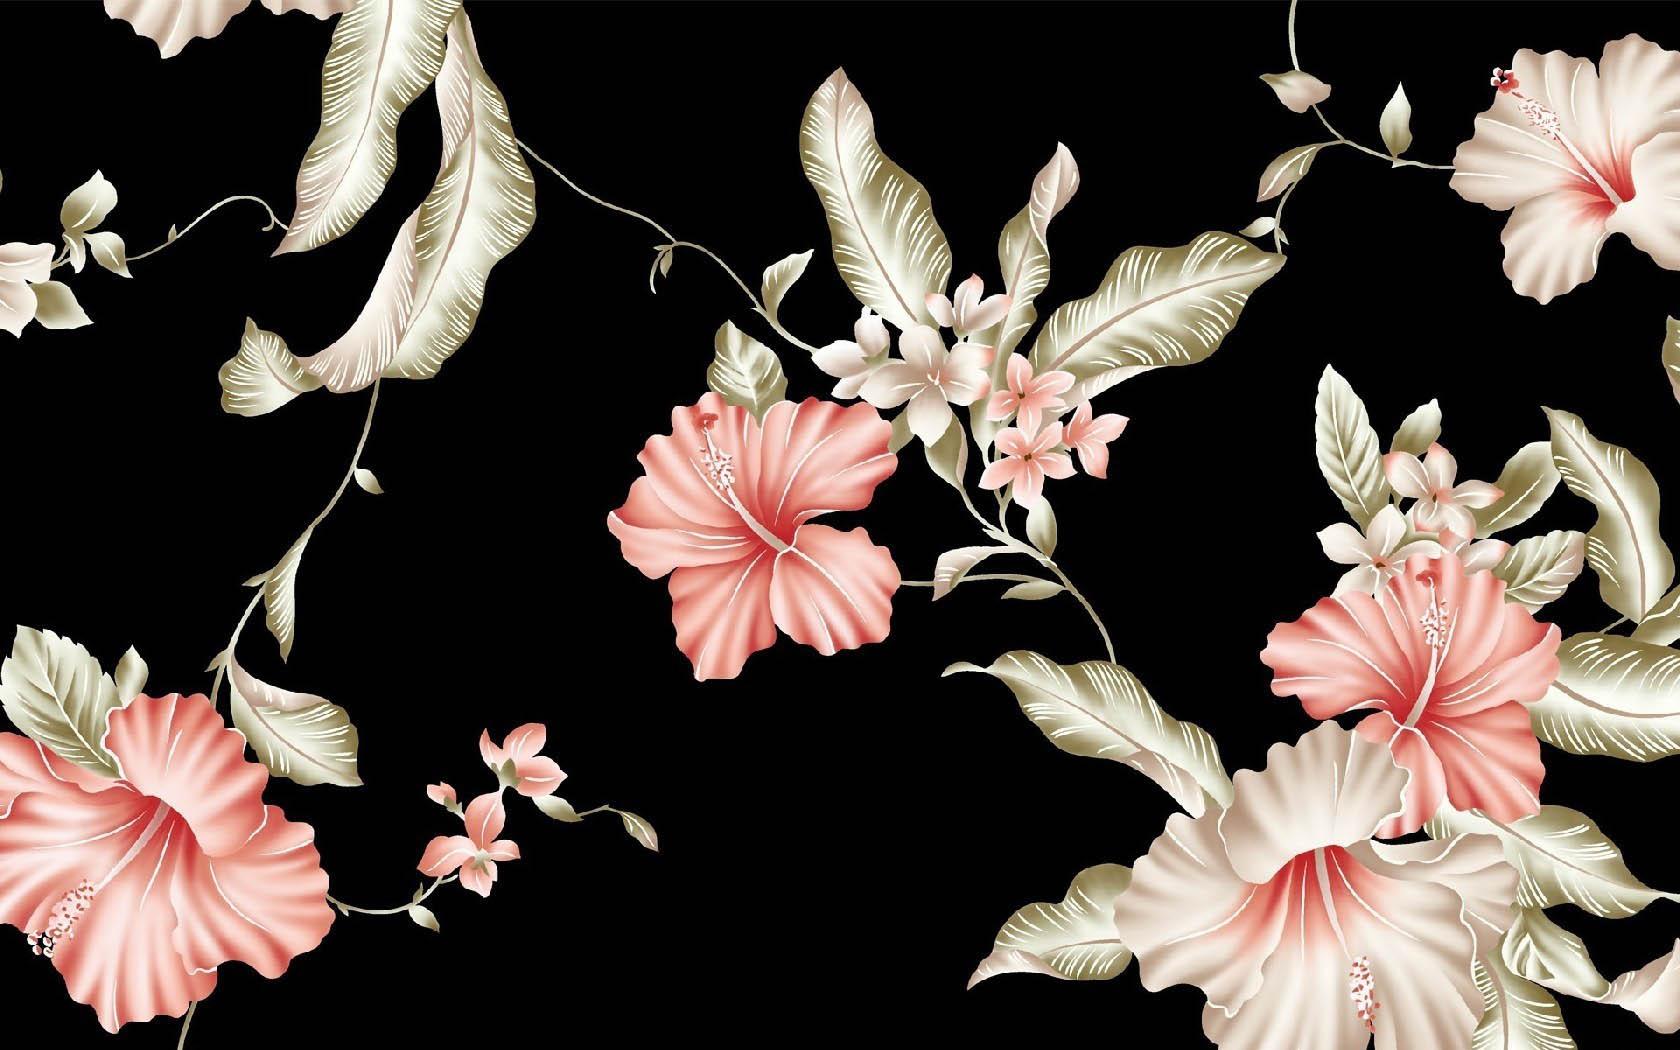 Картинка 3d цветы на черном фоне